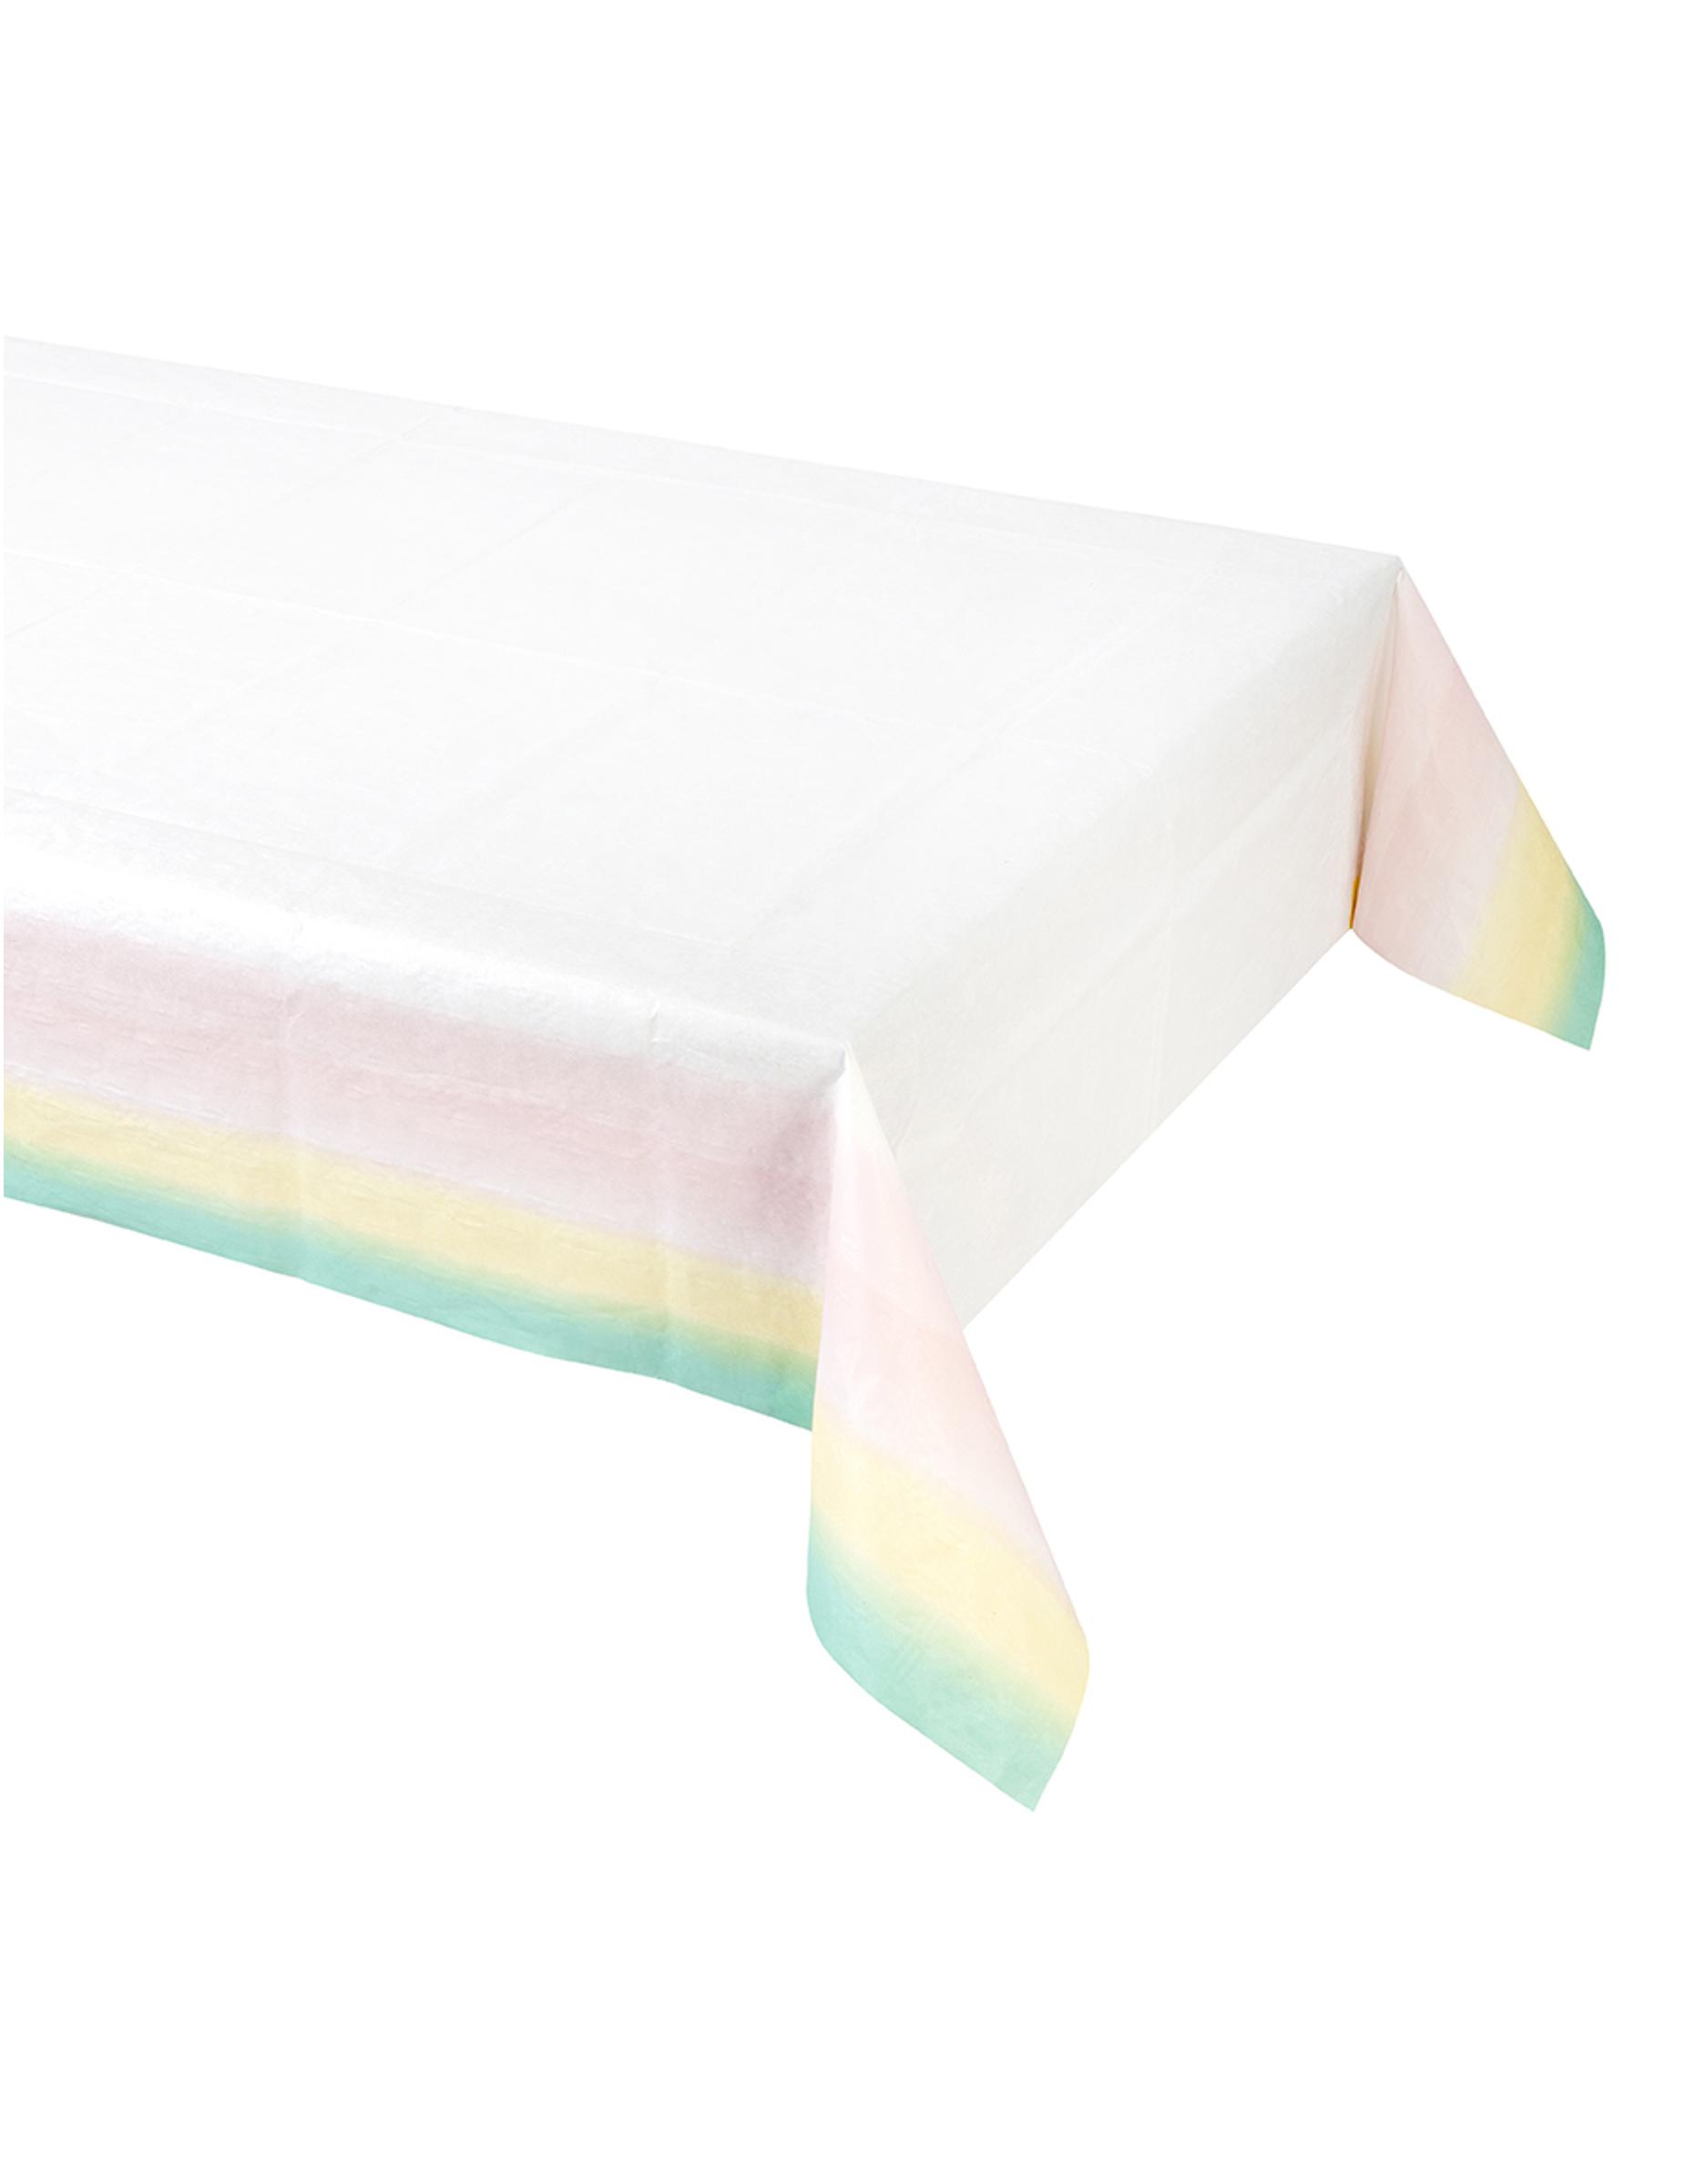 nappe pastel en plastique 180 x 120 cm d coration anniversaire et f tes th me sur vegaoo party. Black Bedroom Furniture Sets. Home Design Ideas